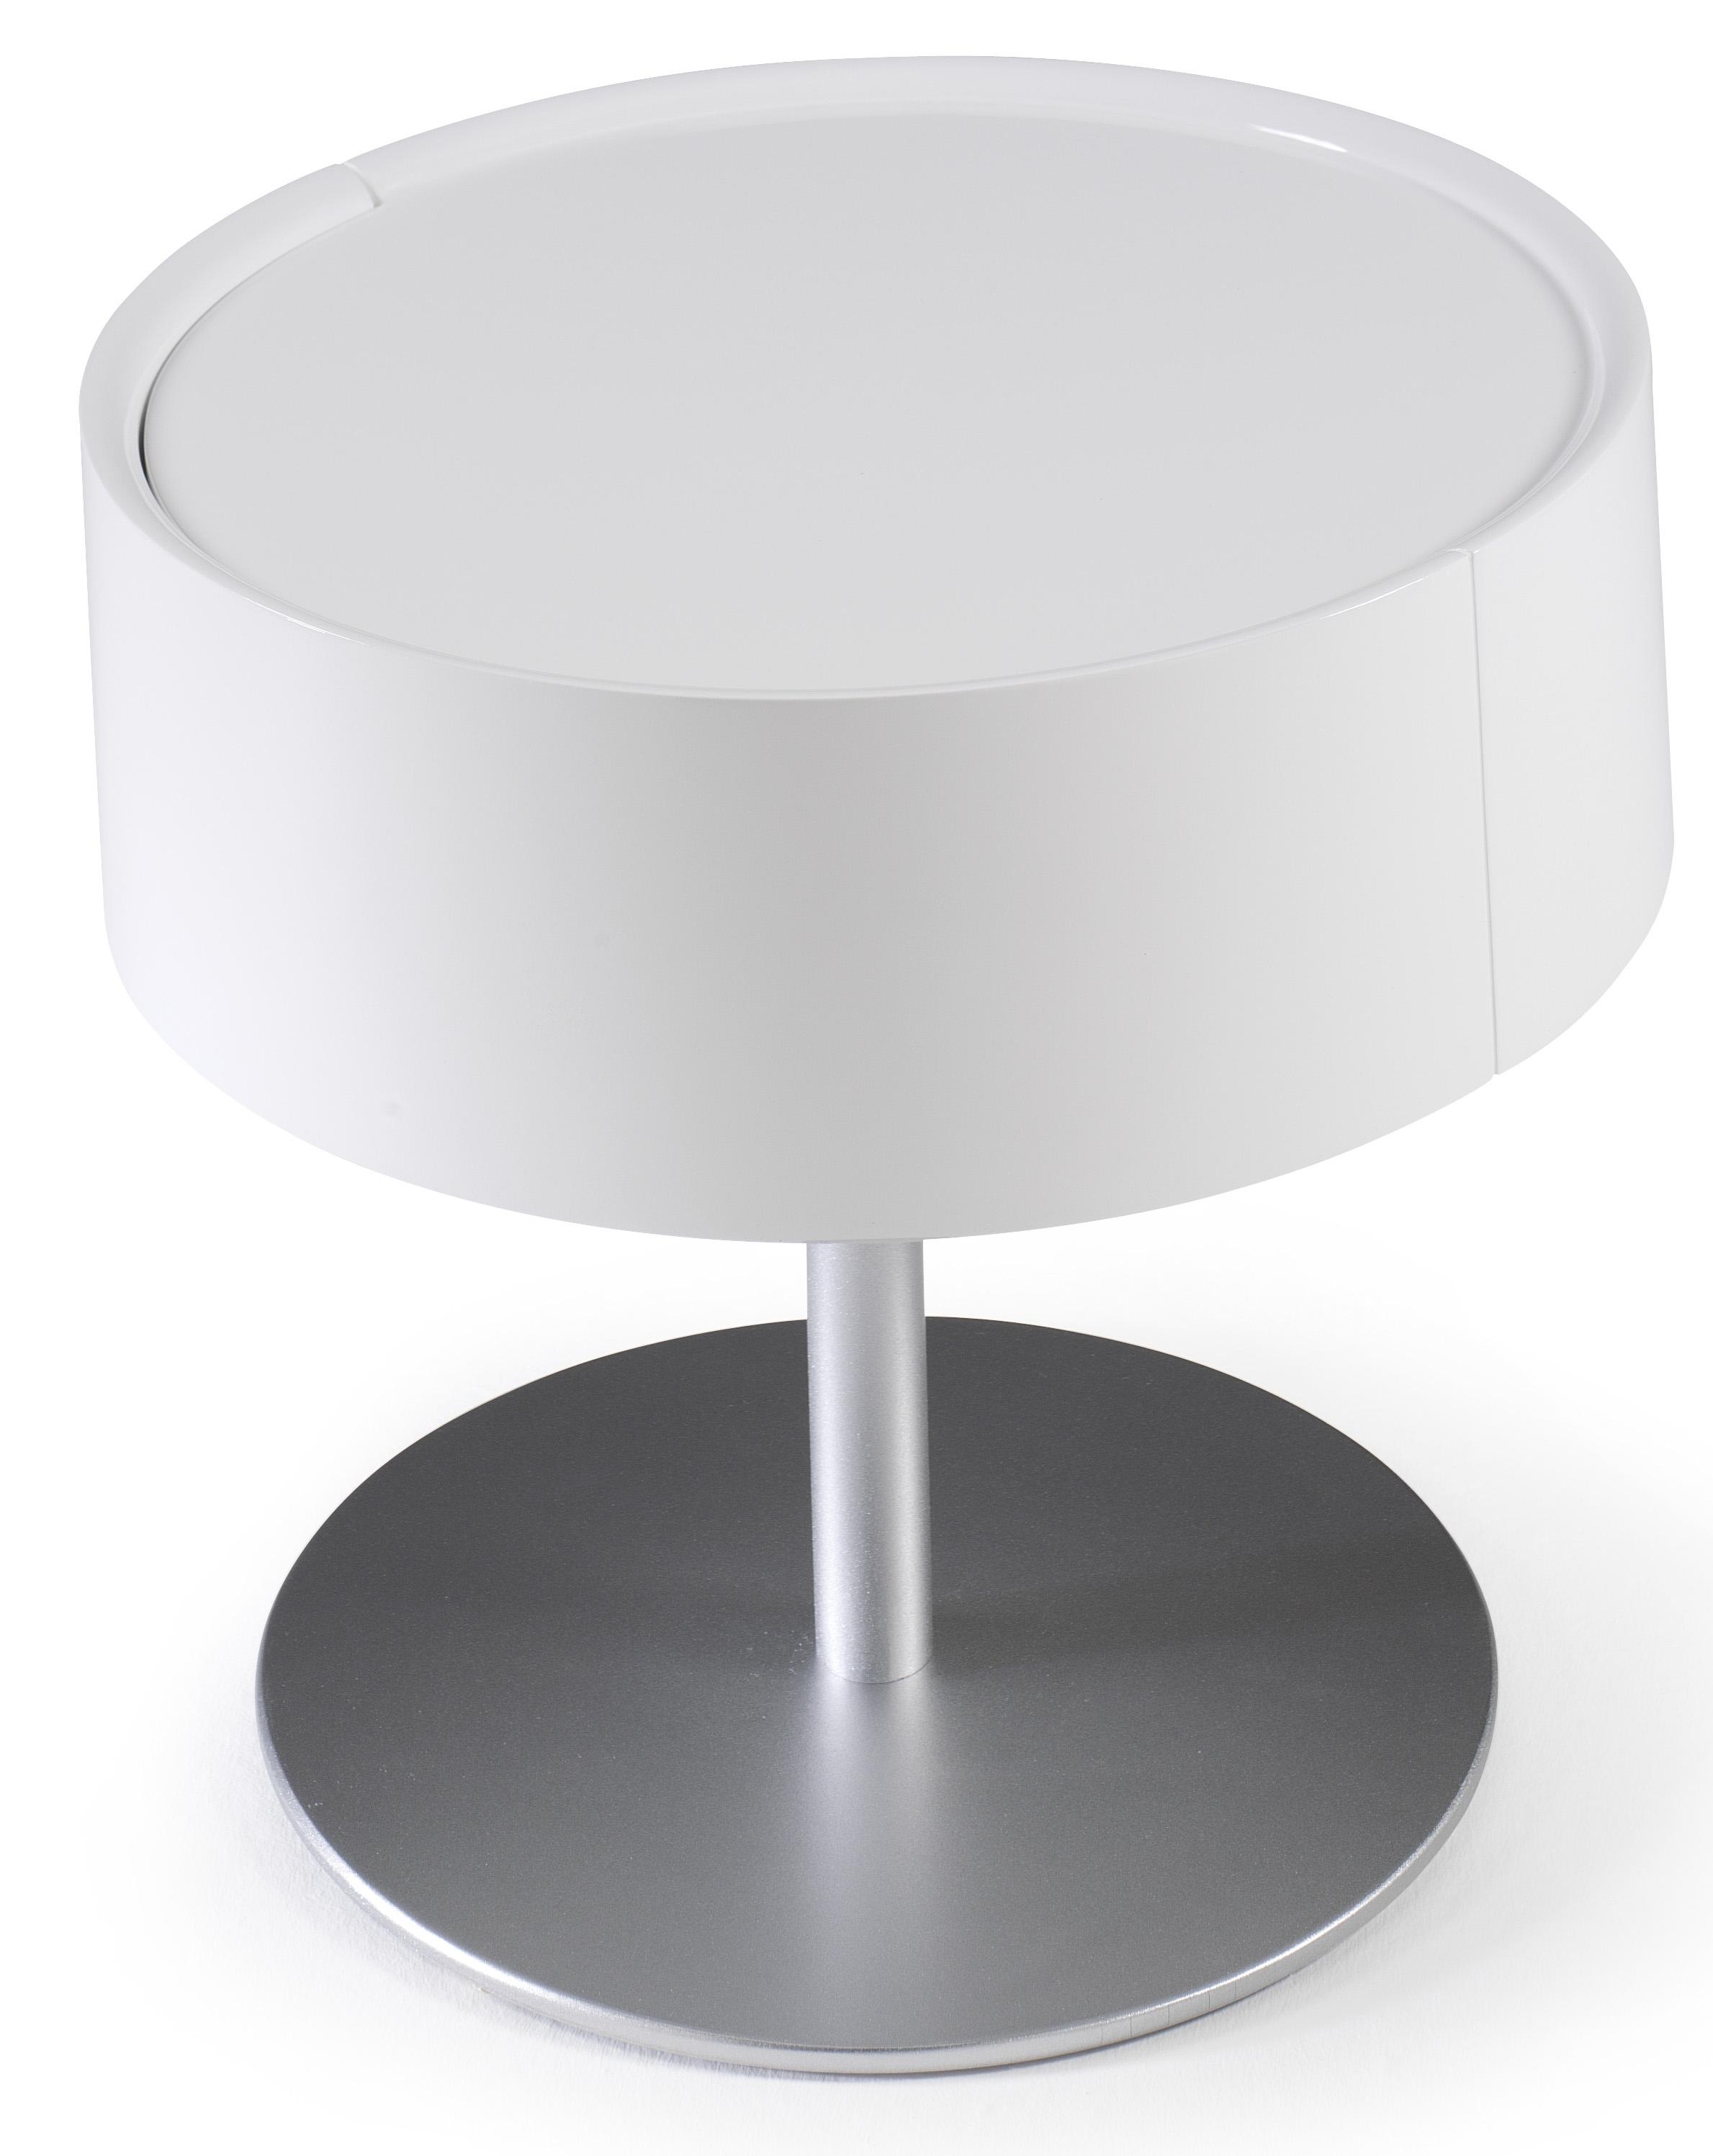 Table de chevet design blanc laqu torsada - Table de chevet blanc laque ...